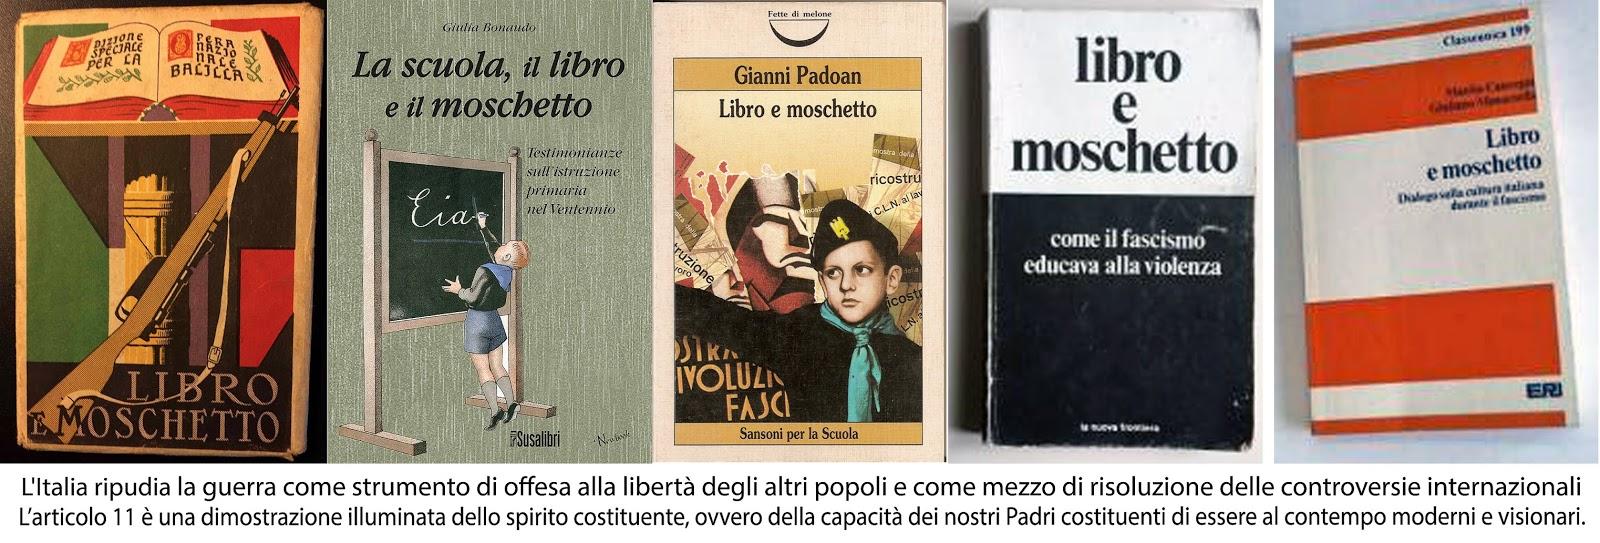 SCUOLA_libro_moschetto